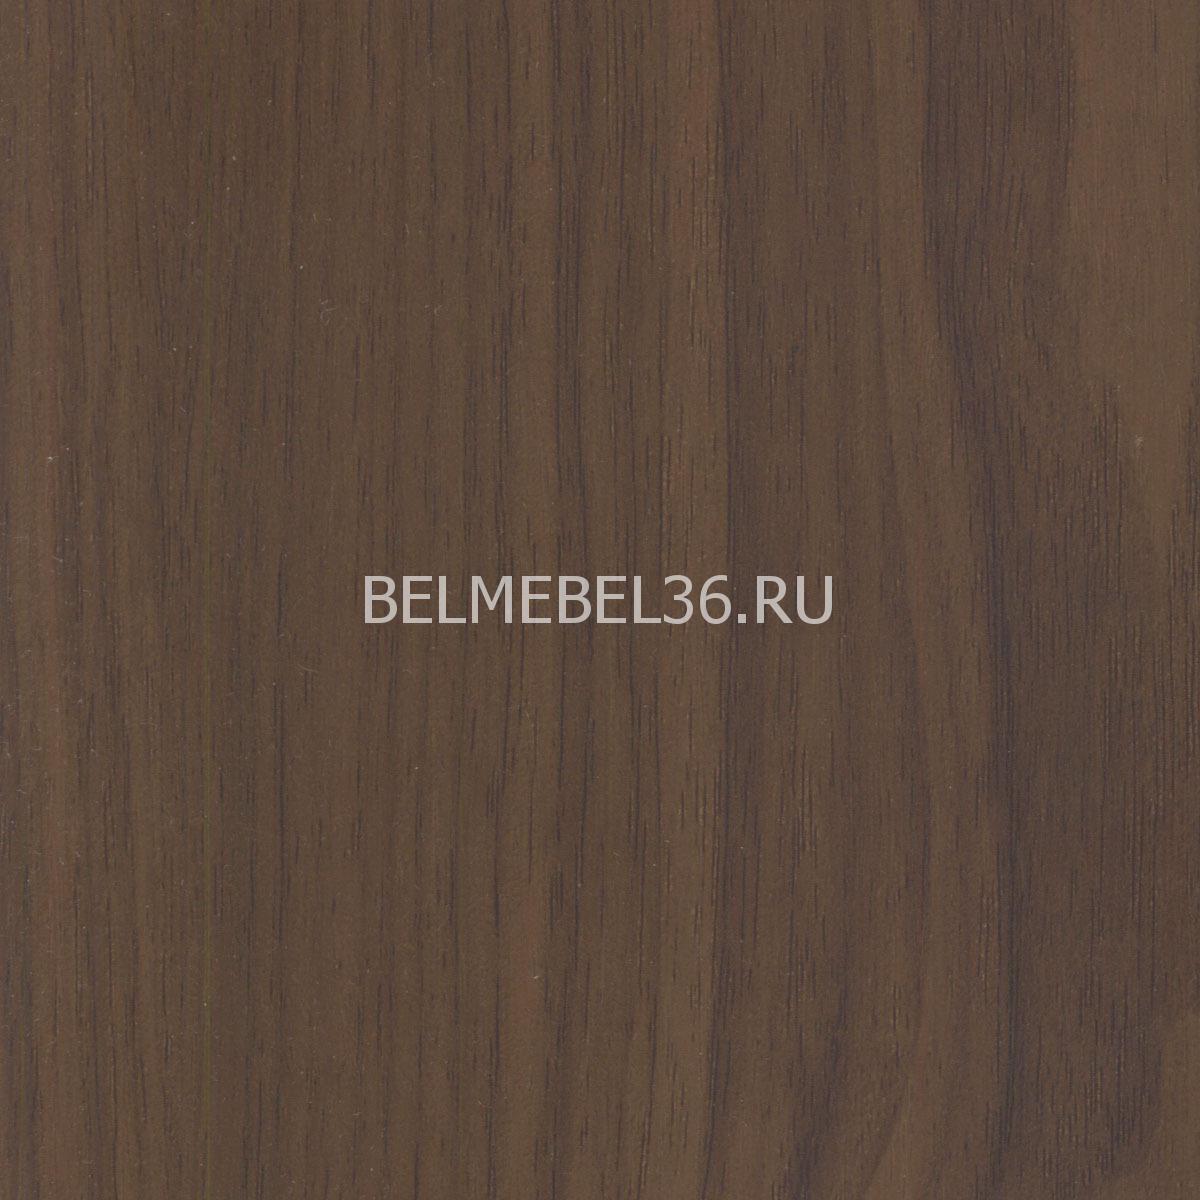 Диван-тахта Орегон (угловой) П-Д150 | Белорусская мебель в Воронеже